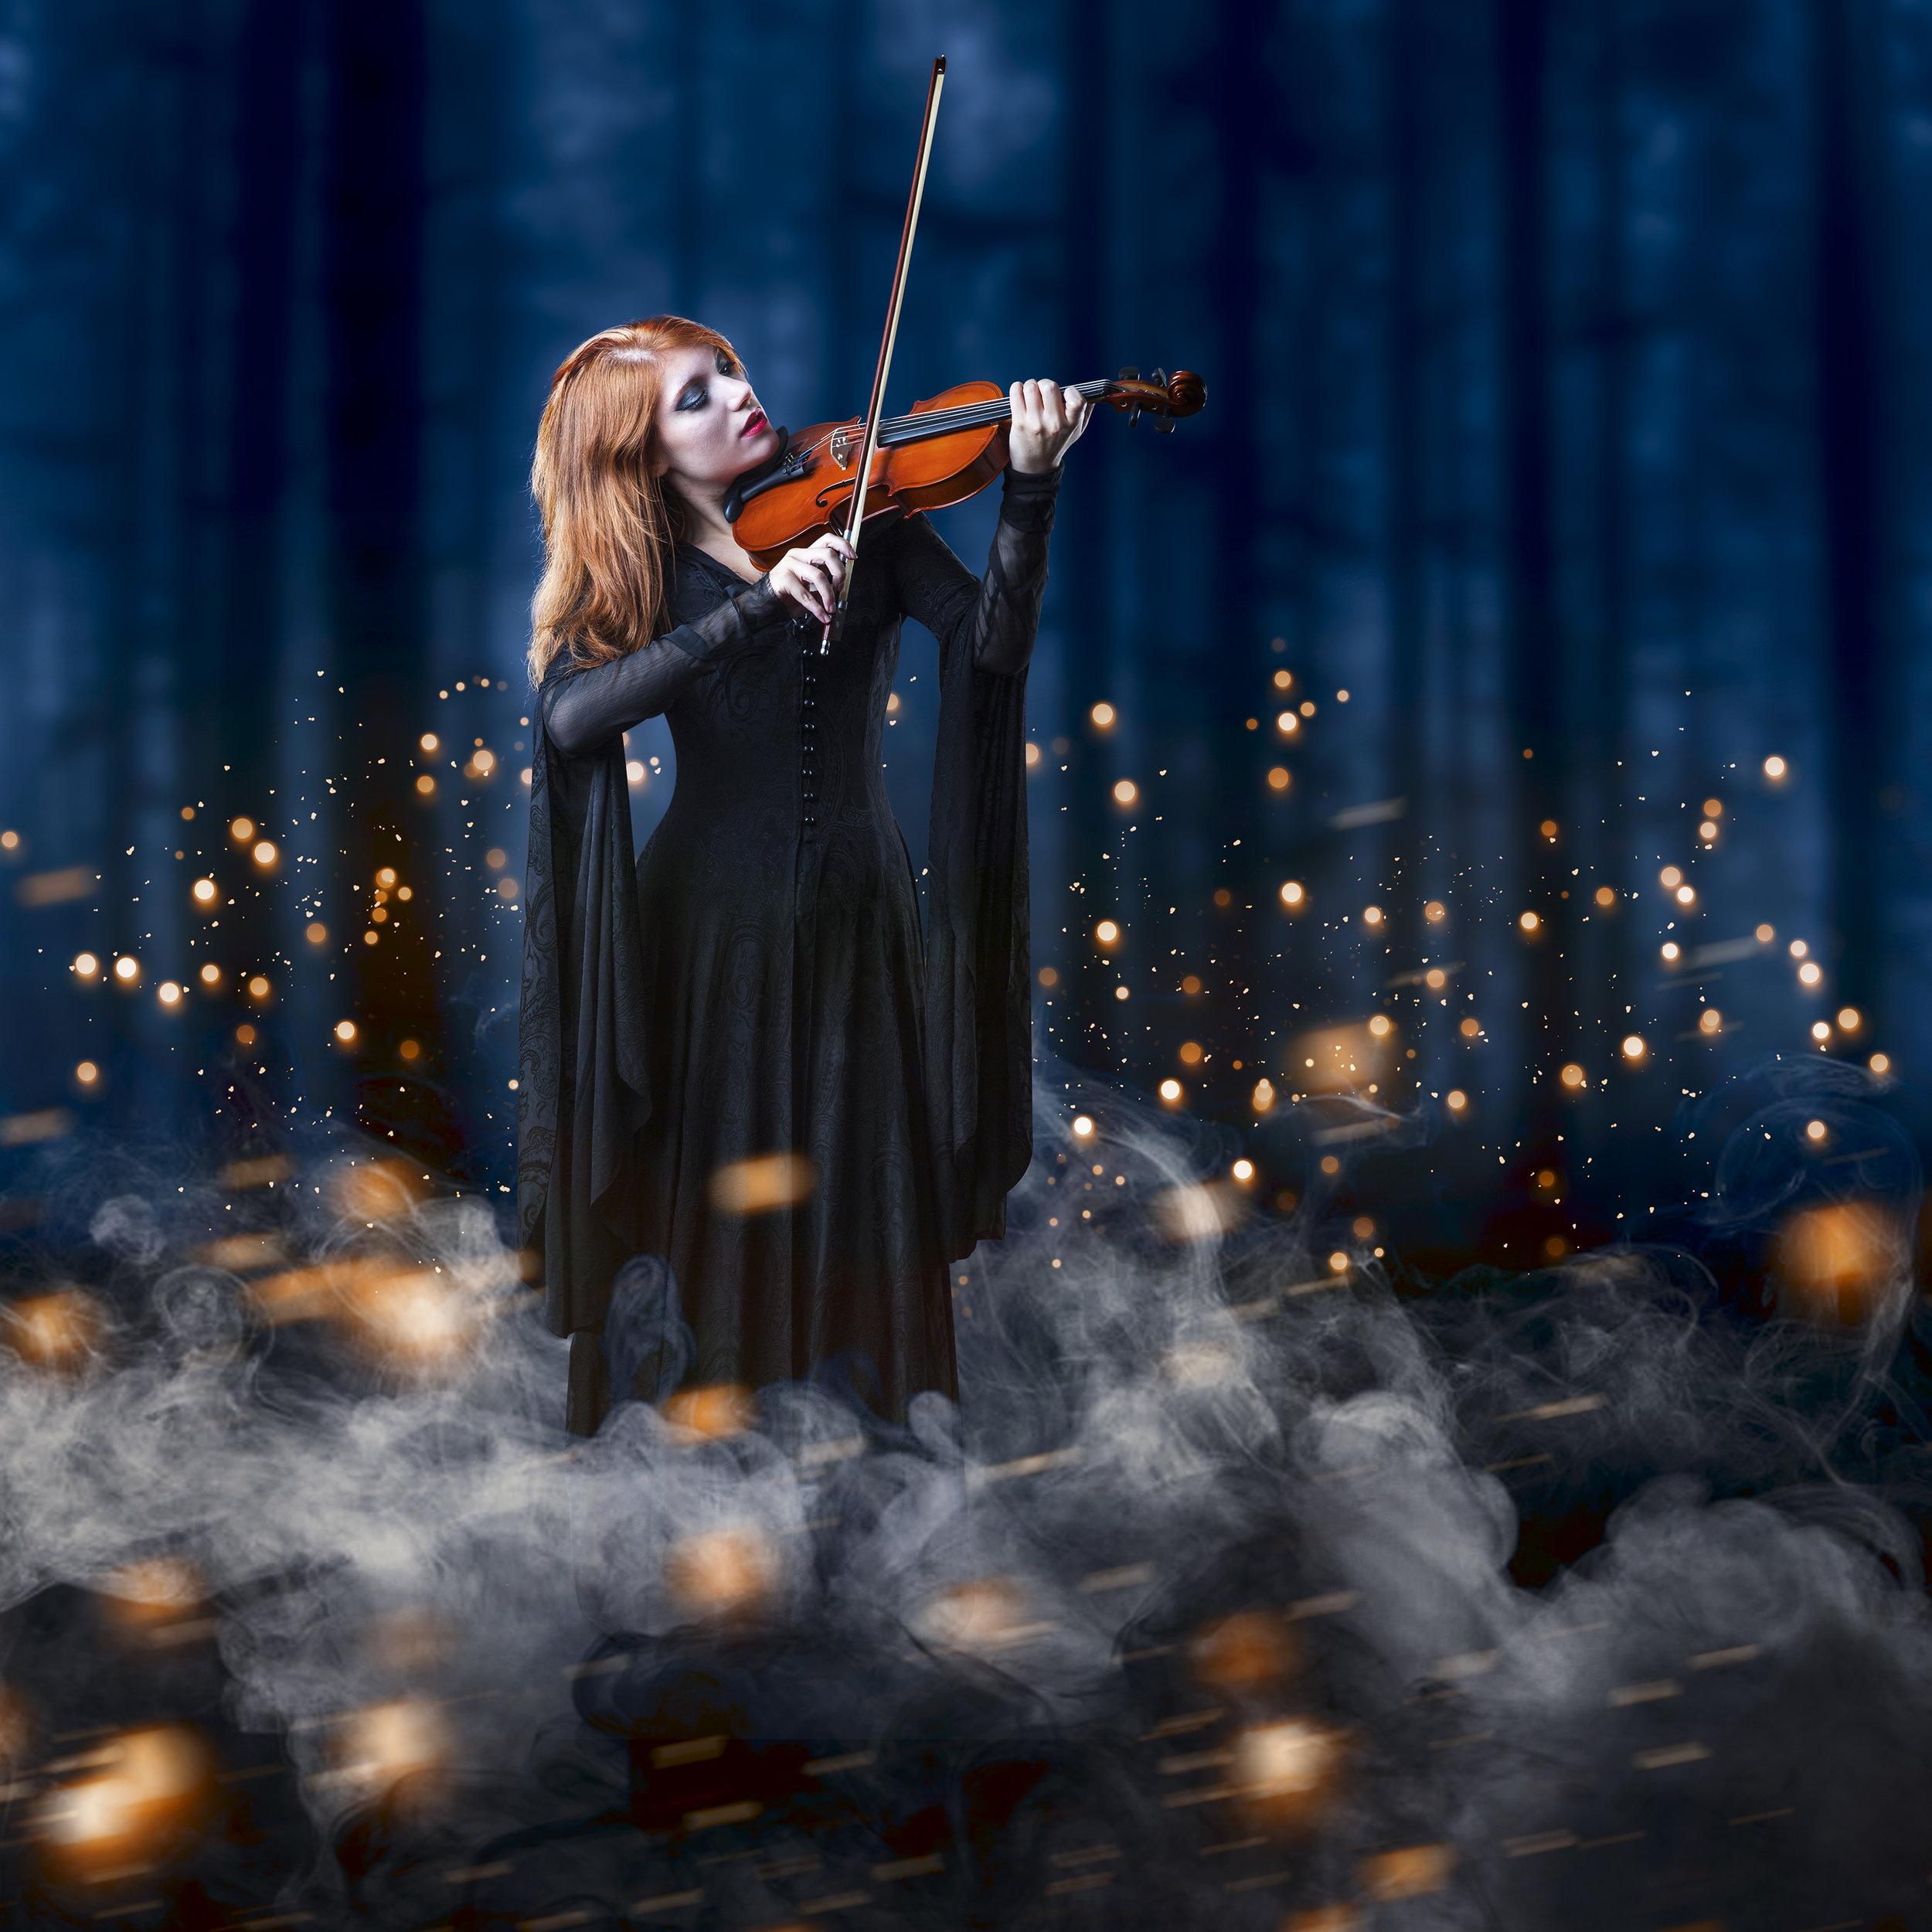 Ritratto fantasy musicista